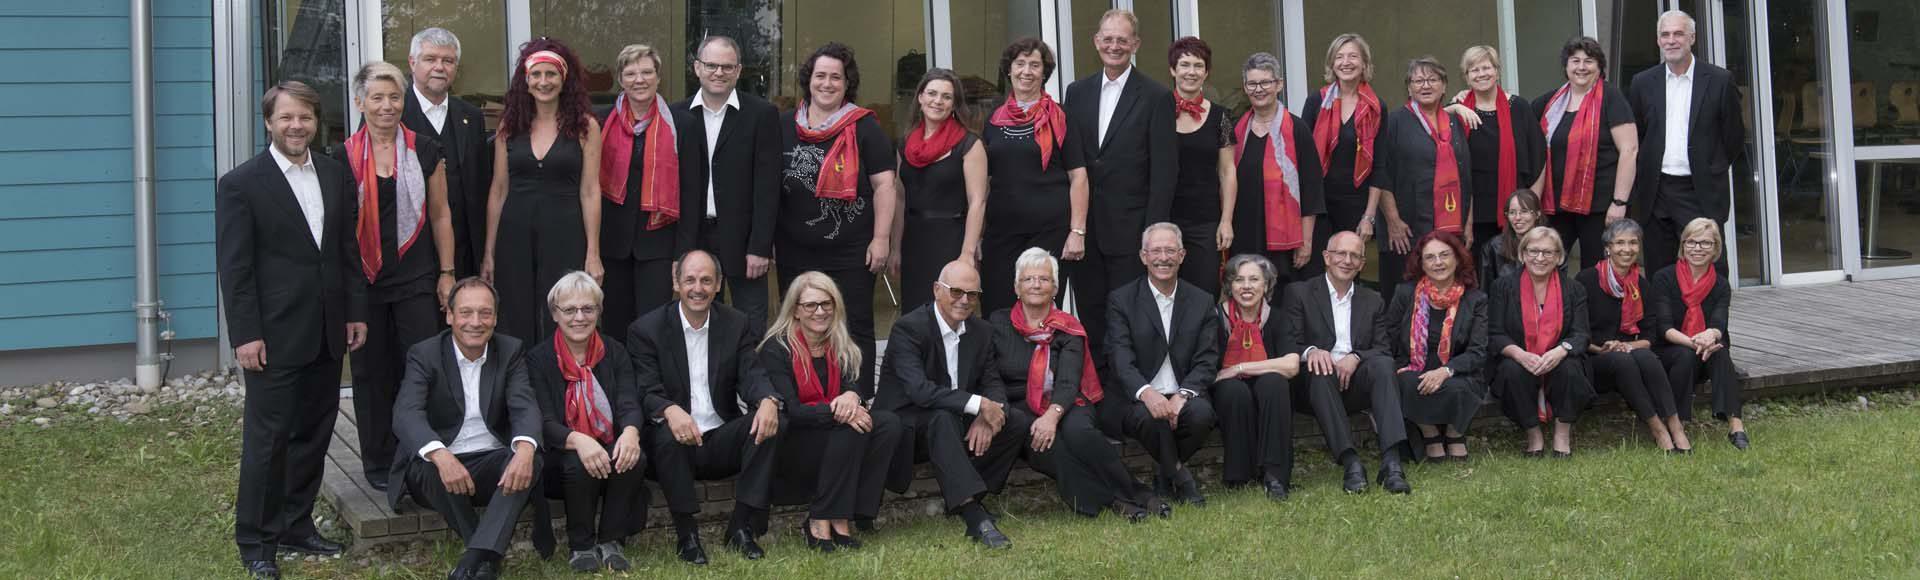 Kammerchor Schwabmünchen